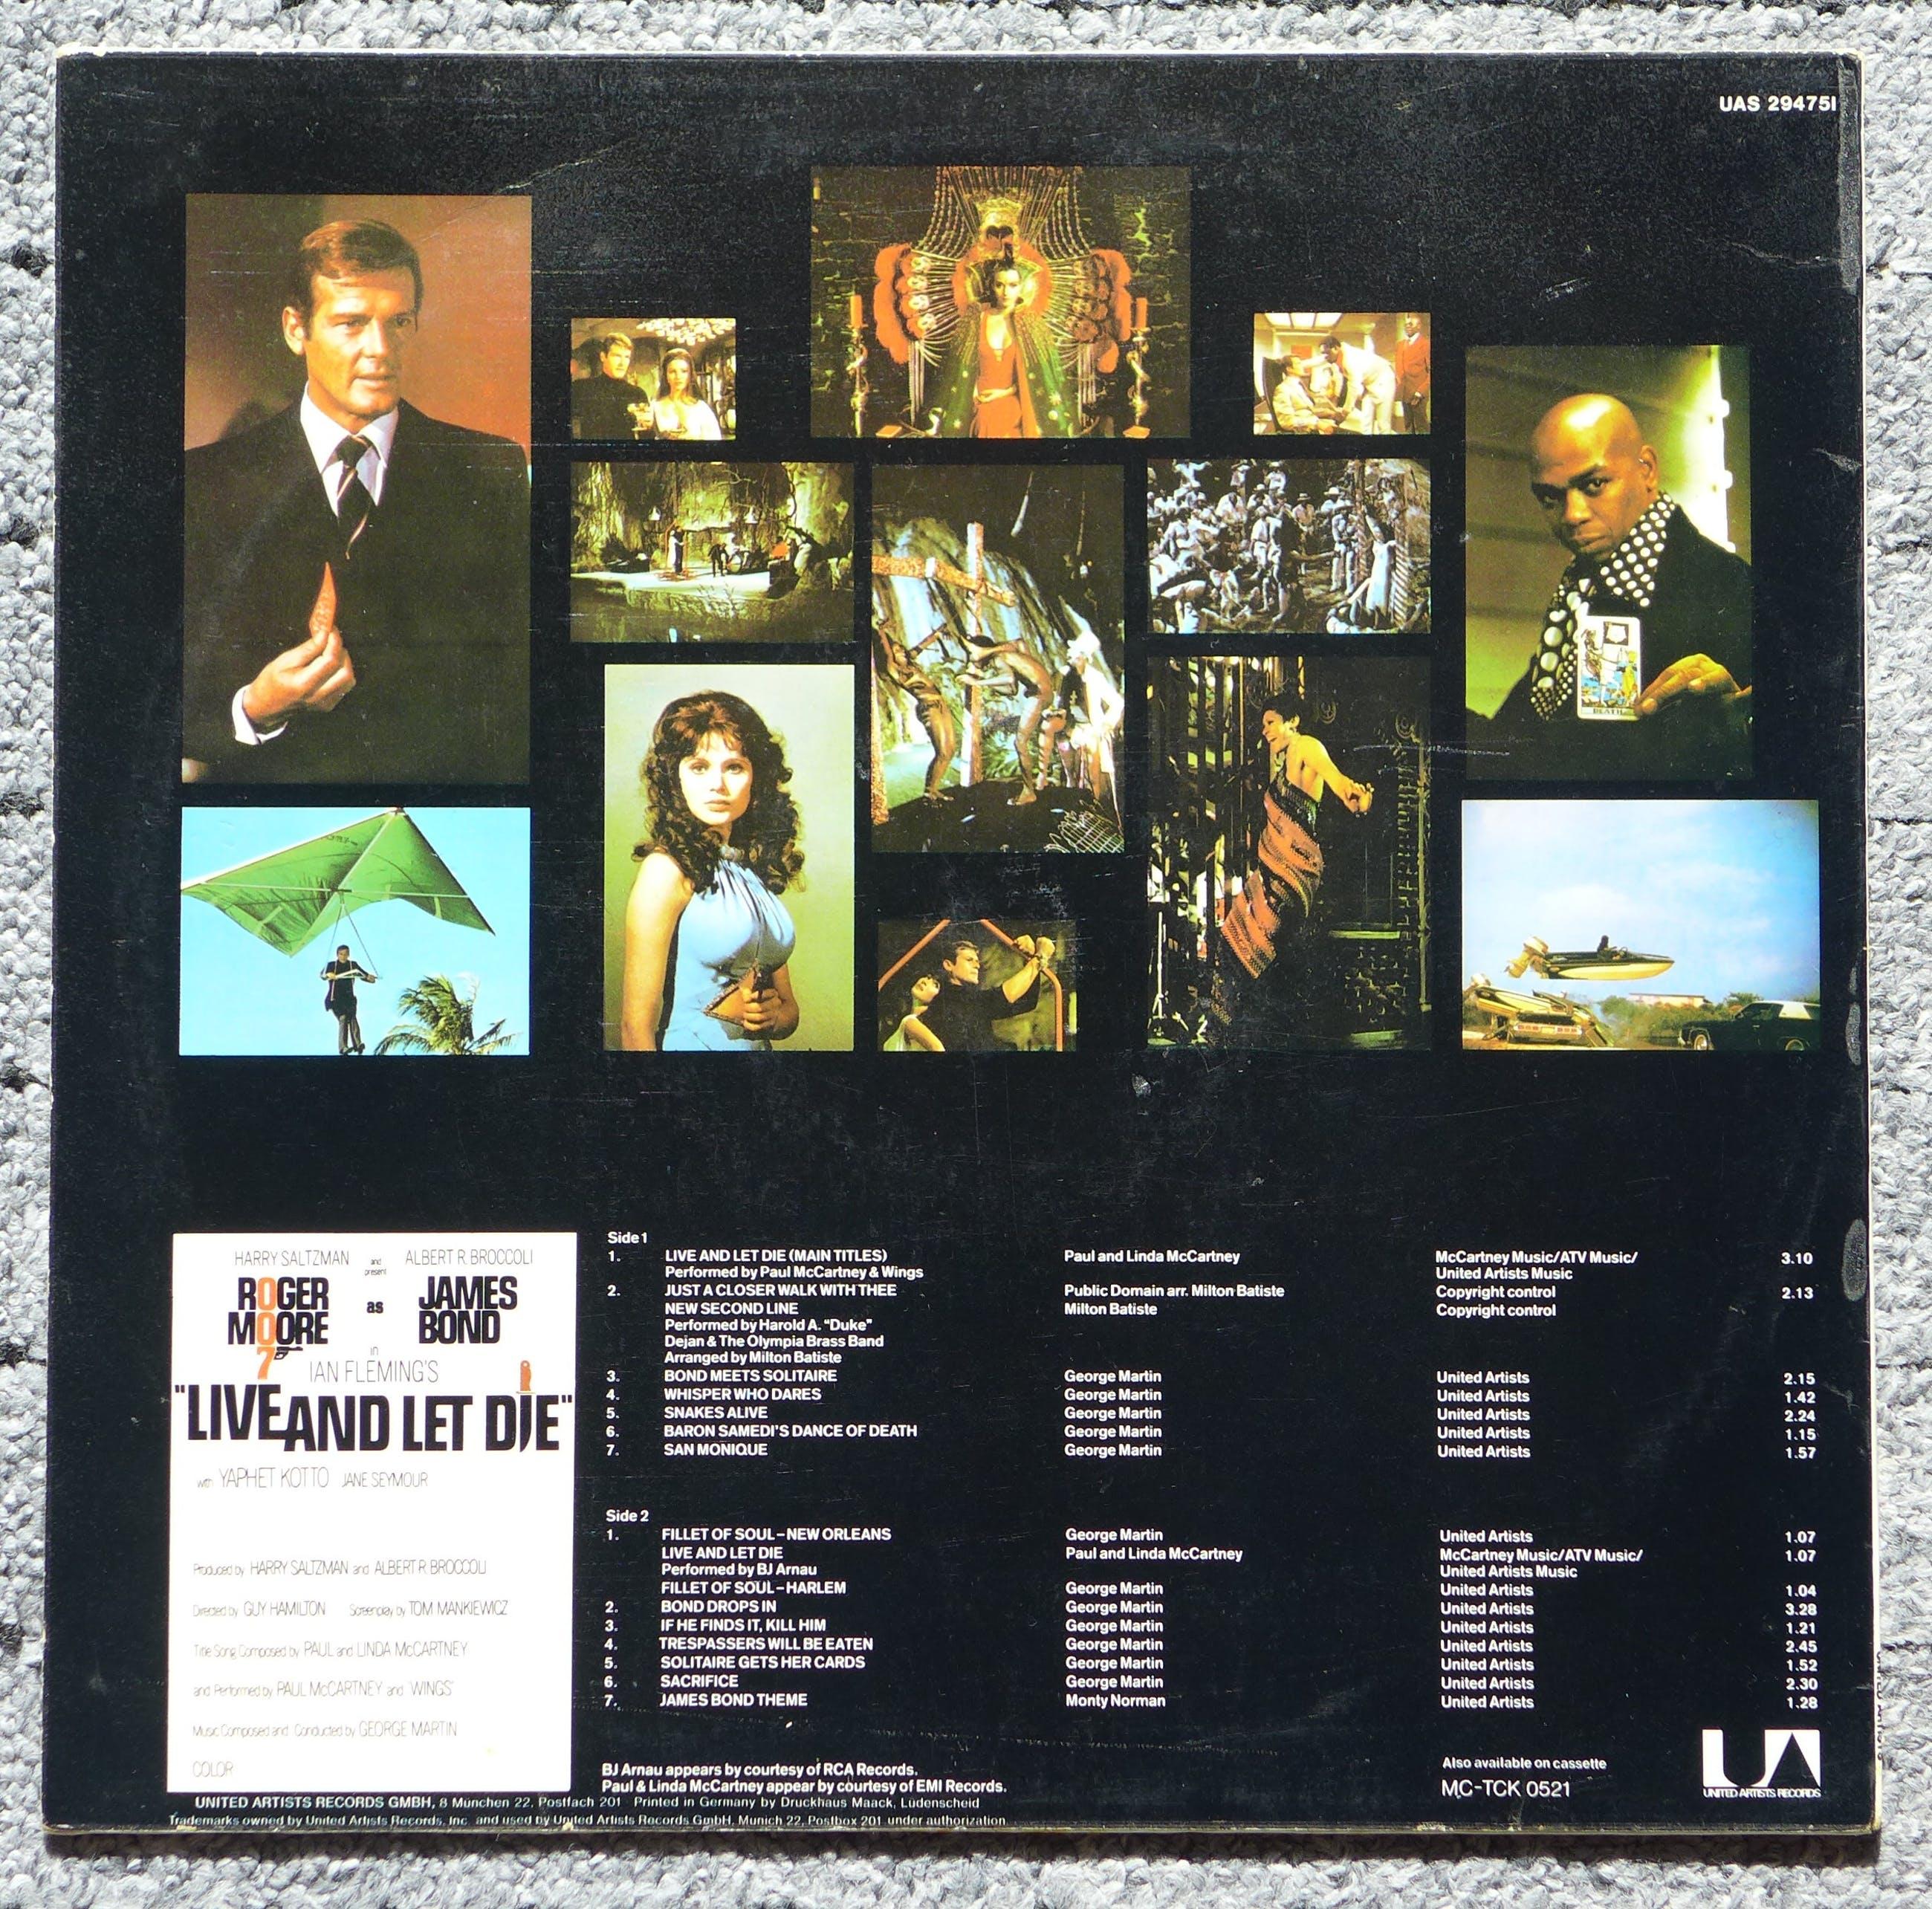 Paul McCartney - James Bond Live And Let Die LP signiert Roger Moore Jane Seymour Lois Maxwell +7 kopen? Bied vanaf 129!